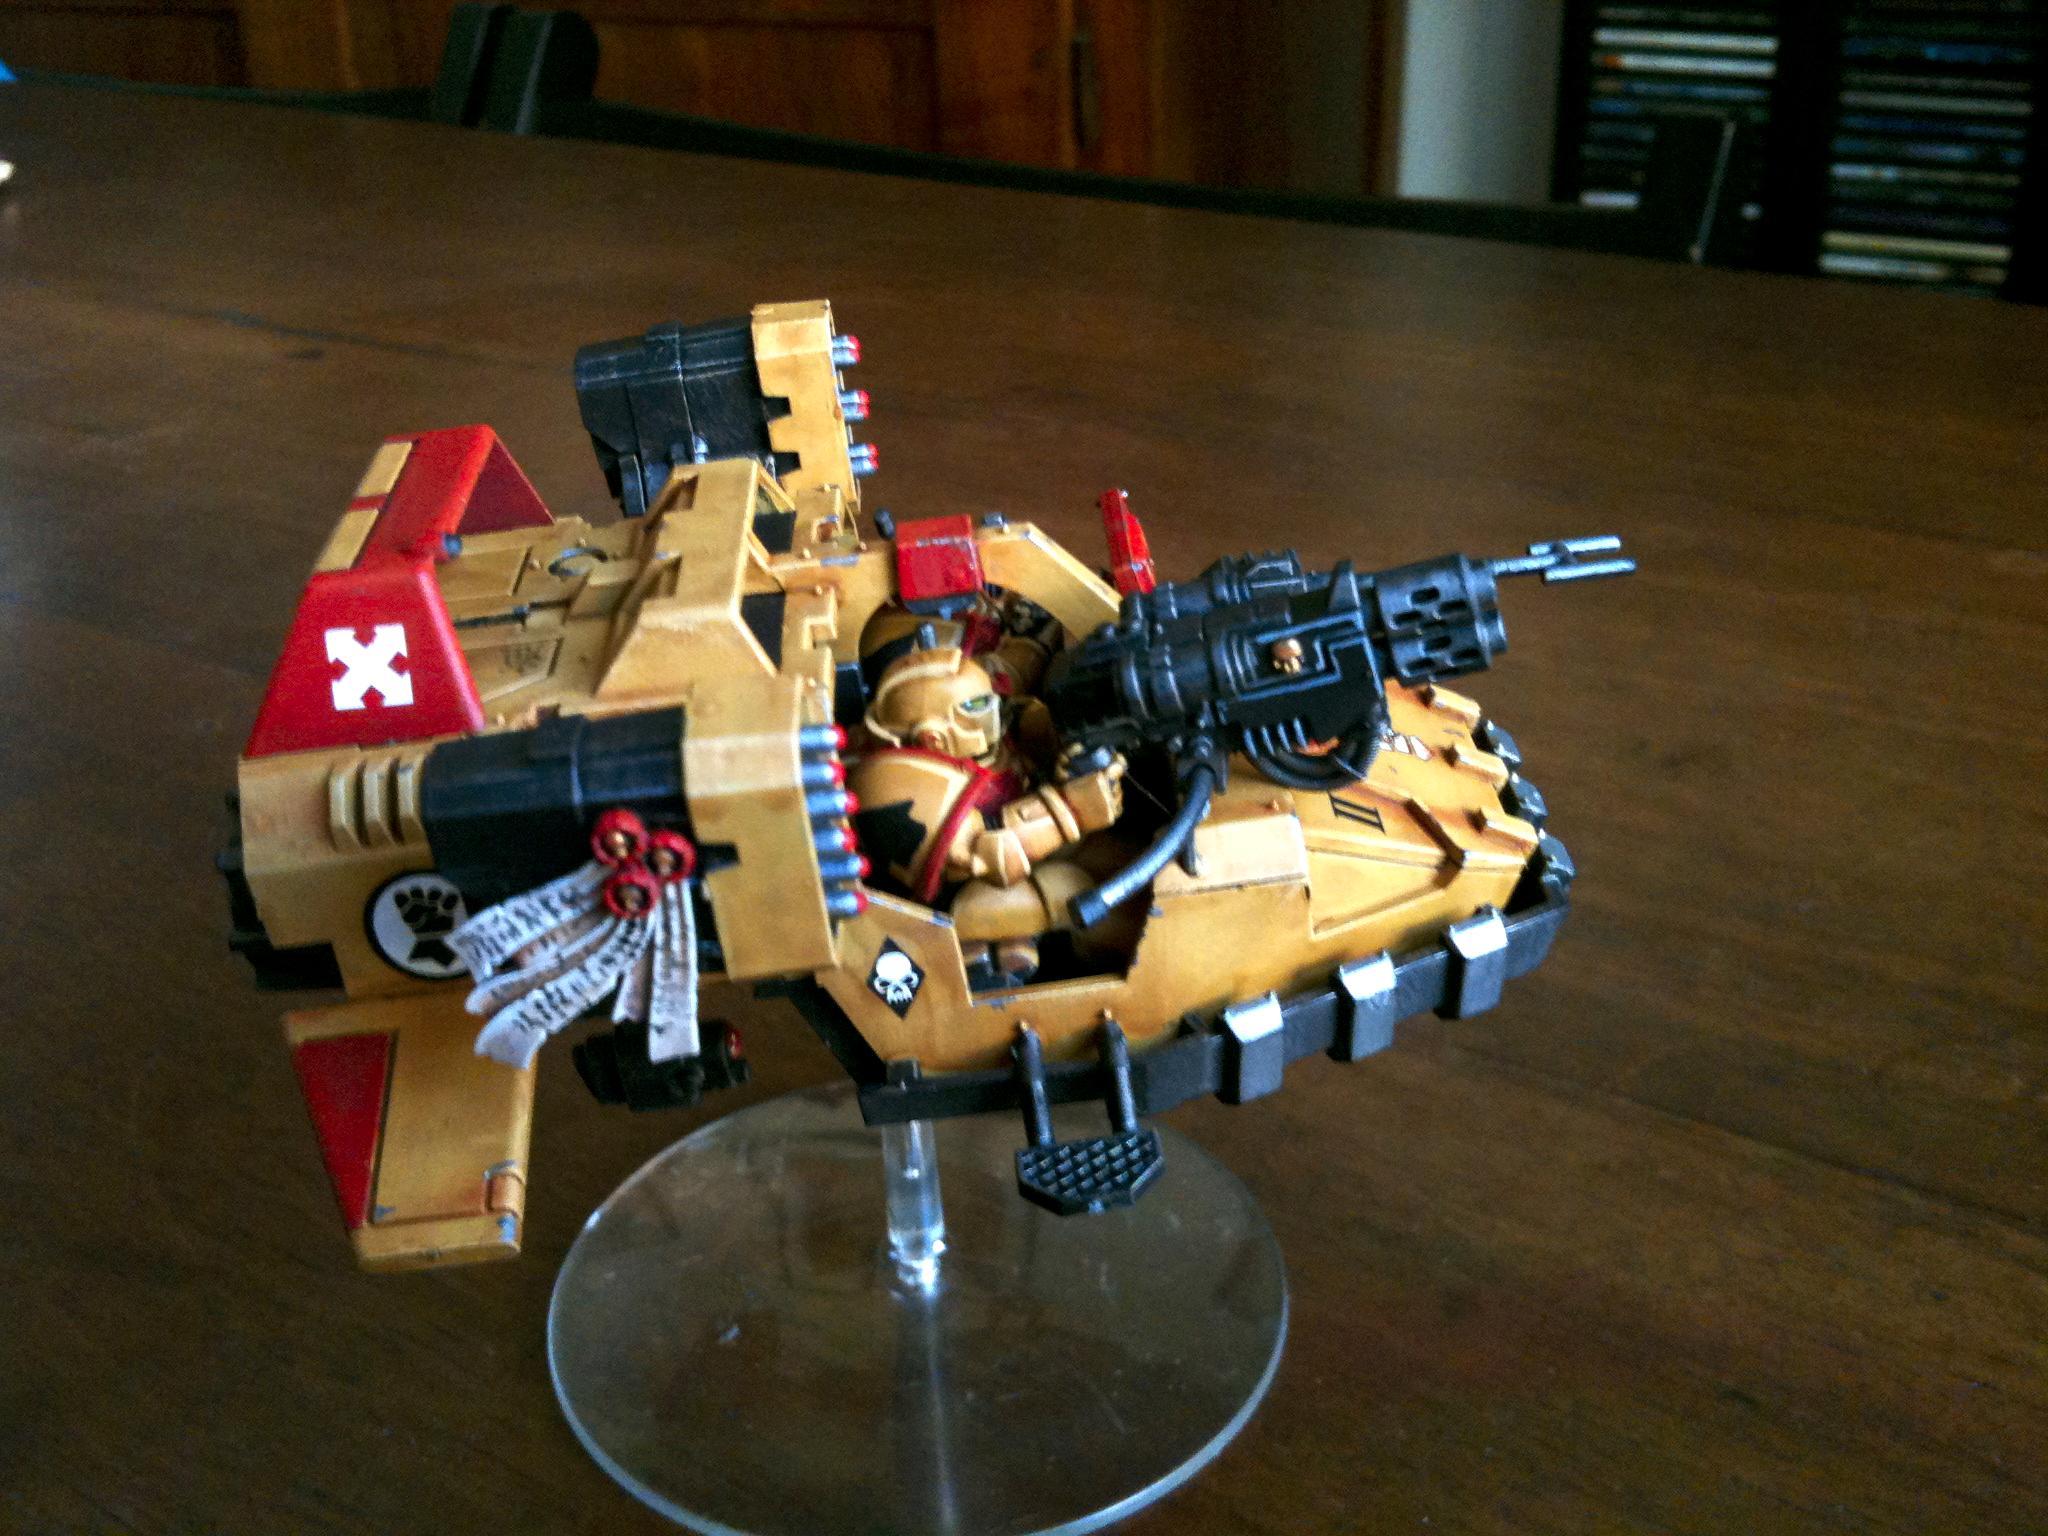 Imperial Fists, Land, Land Speeder, Space, Space Marines, Speeder, Techmarine, Typhon, Warhammer 40,000